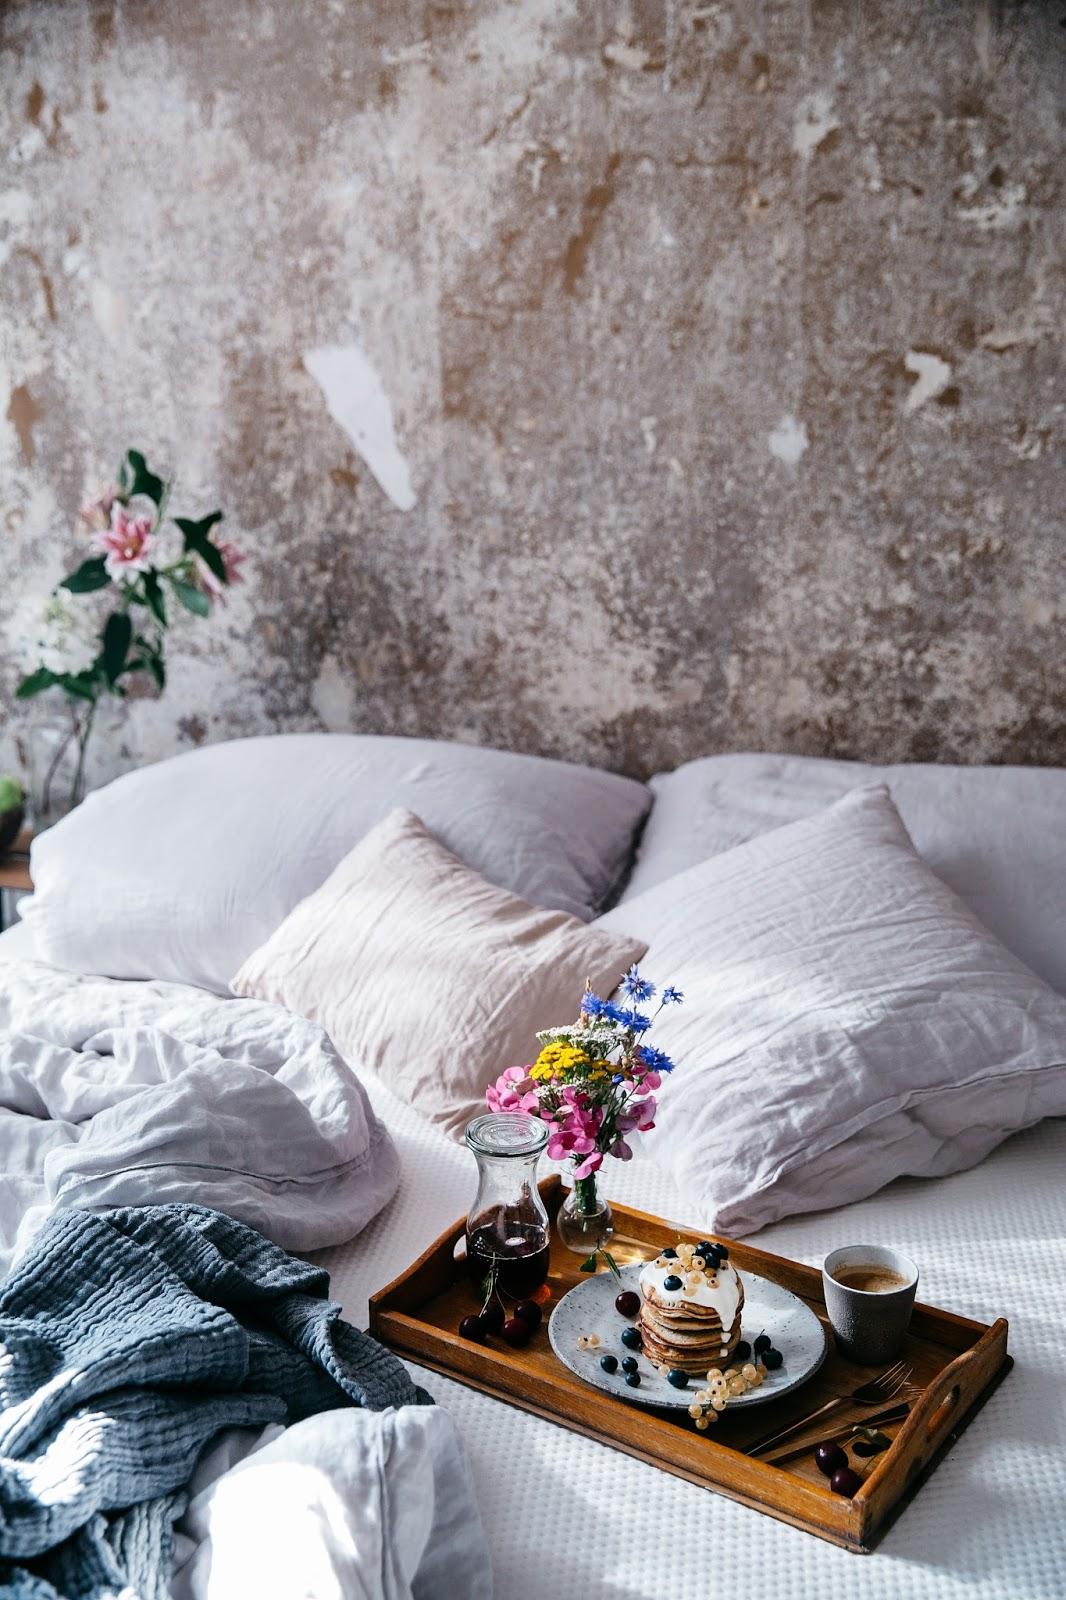 Desayuno en la cama 02